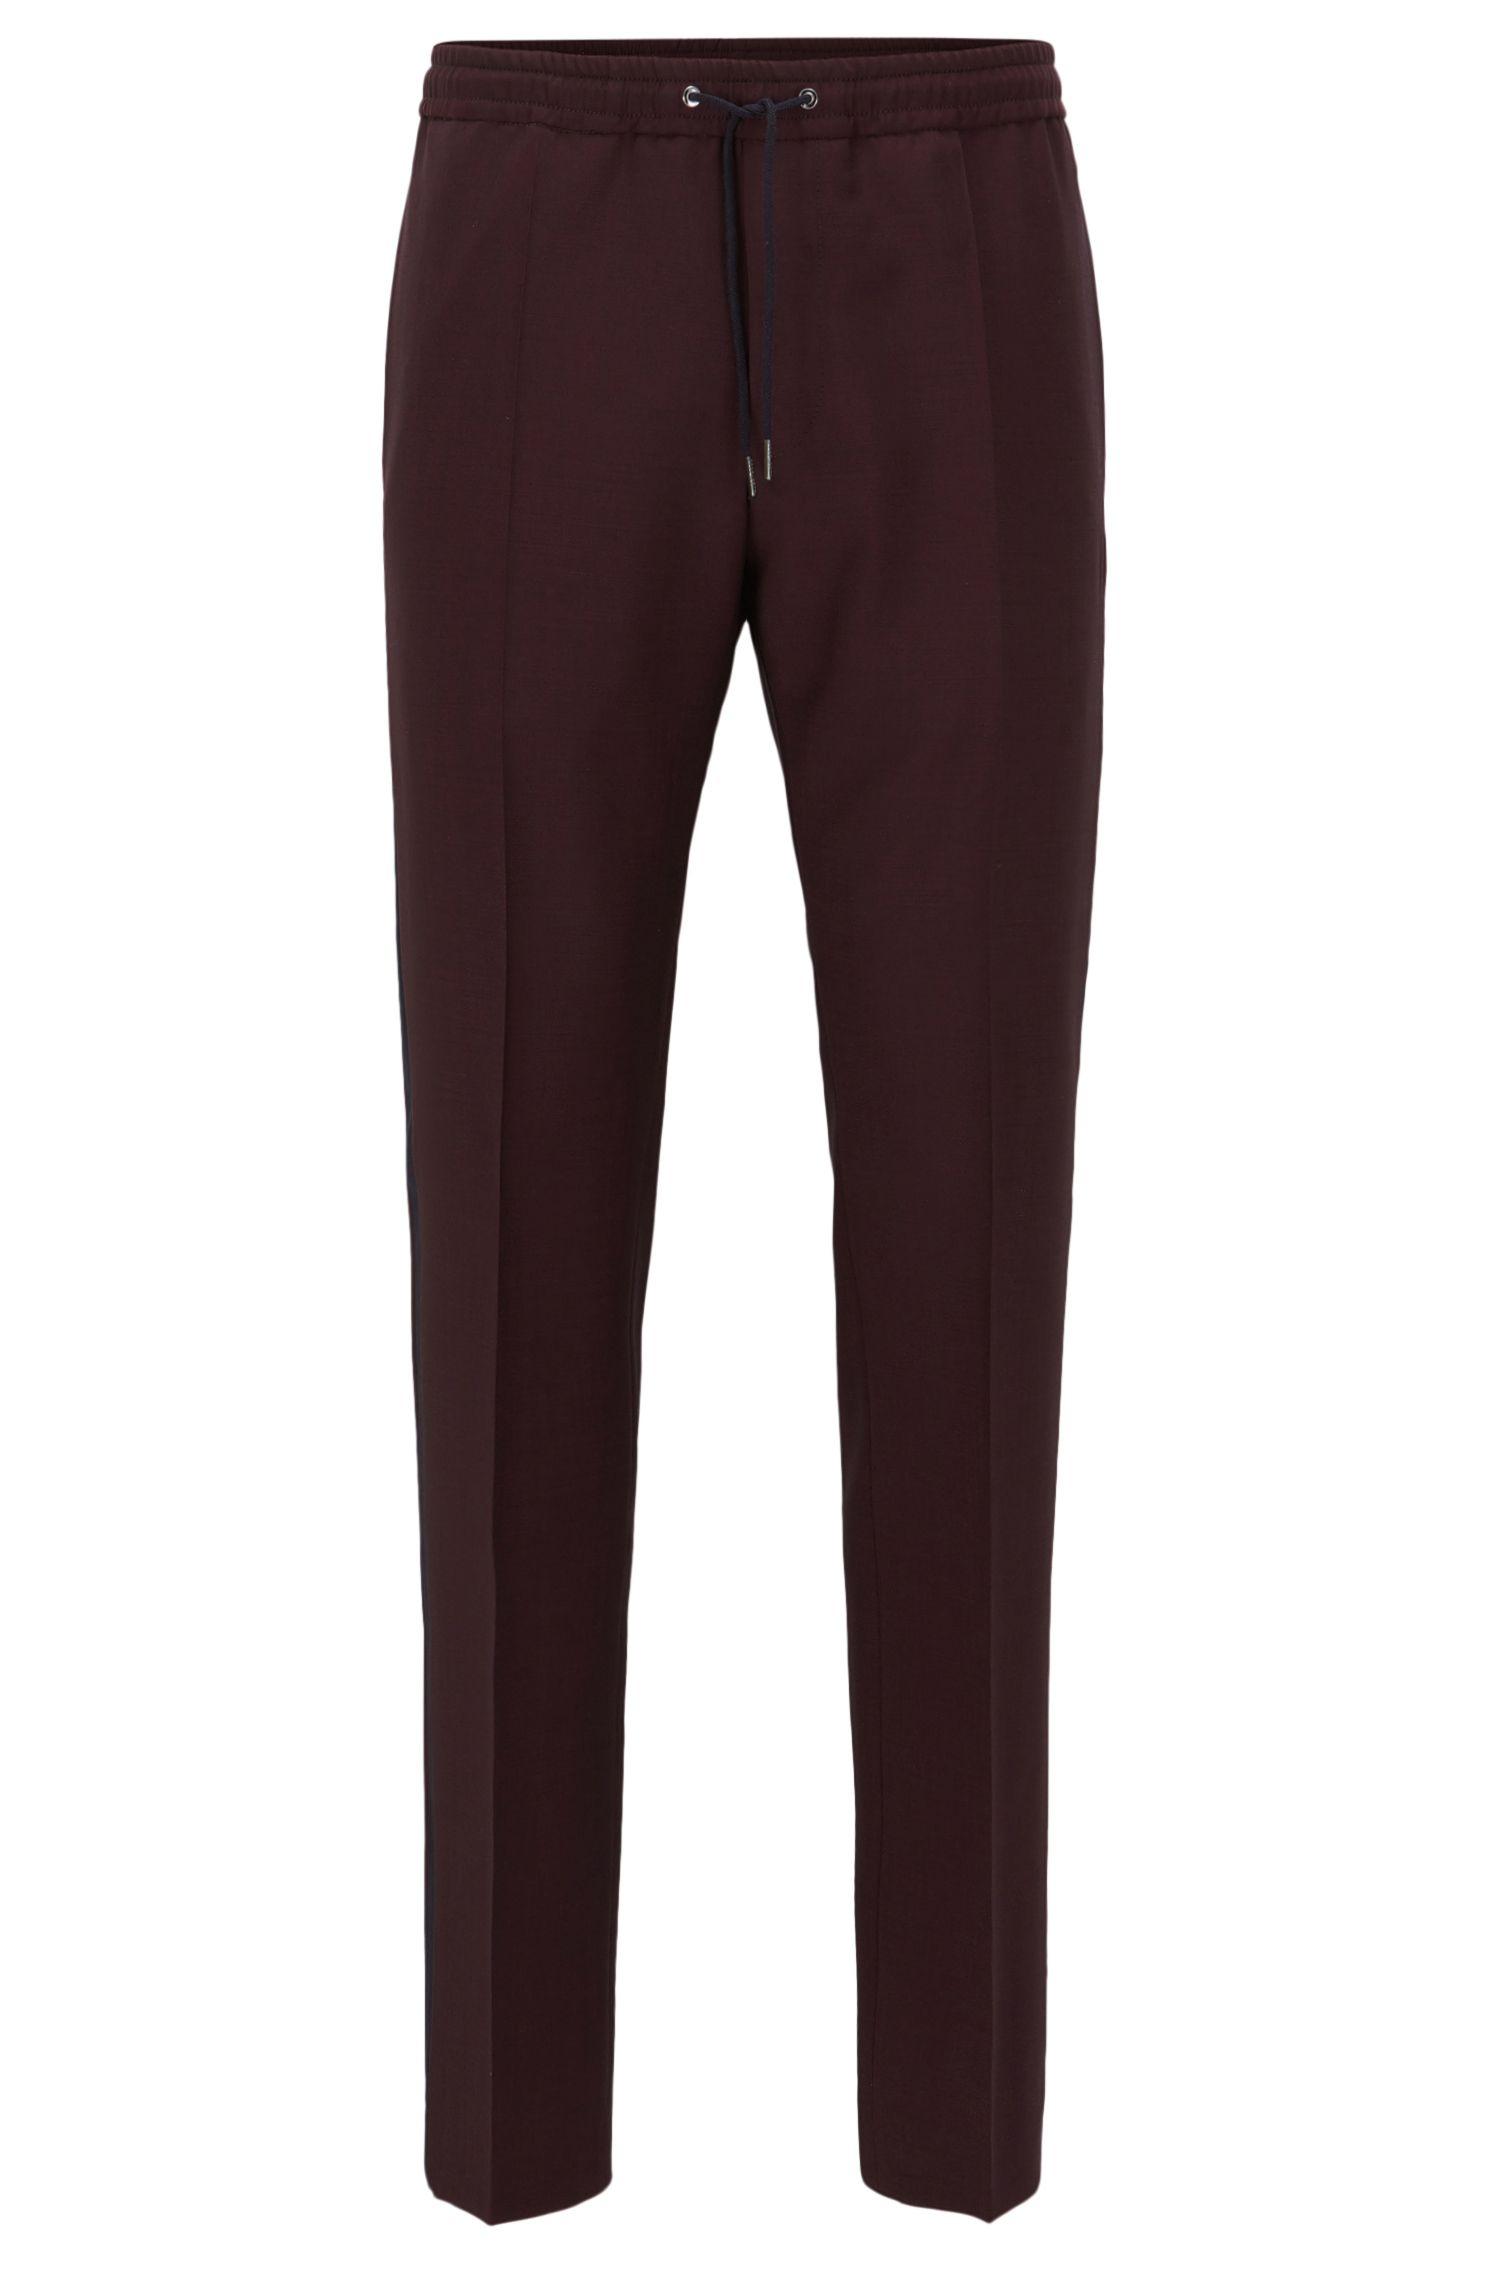 Pantalon Relaxed Fit en laine mélangée avec bande latérale